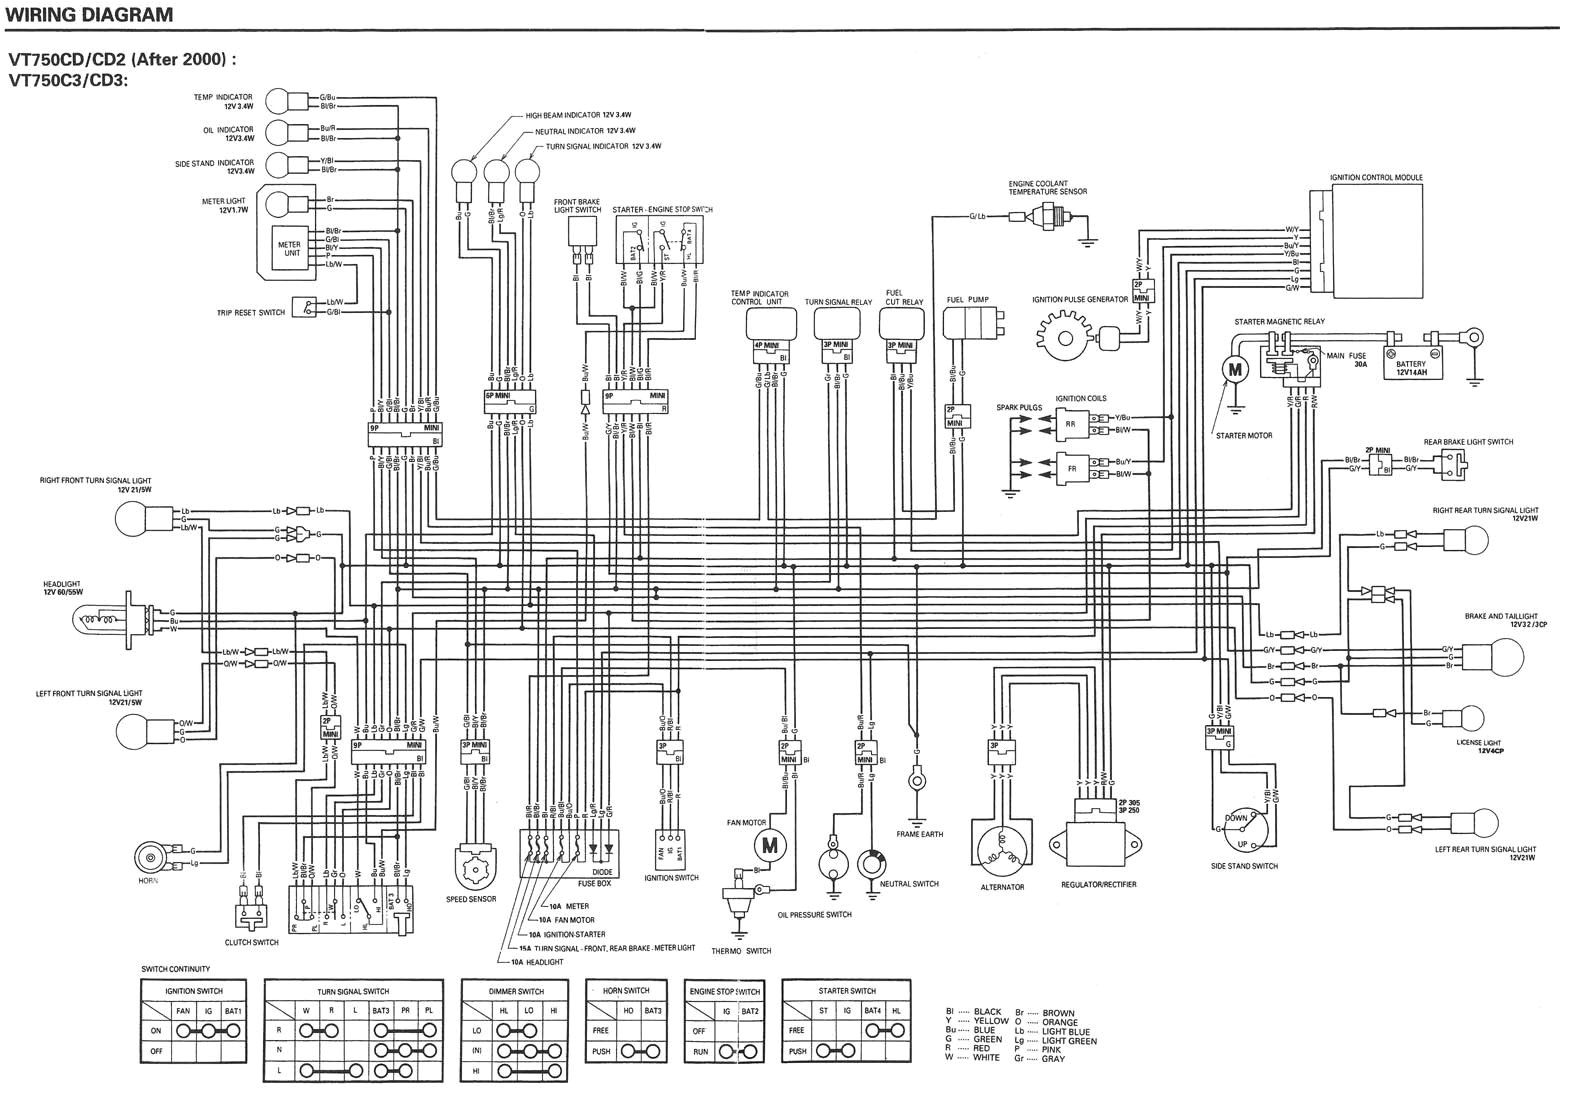 honda shadow wiring diagrams tj brutal customs support 2001 honda shadow 600 wiring diagram honda shadow 600 wiring diagram